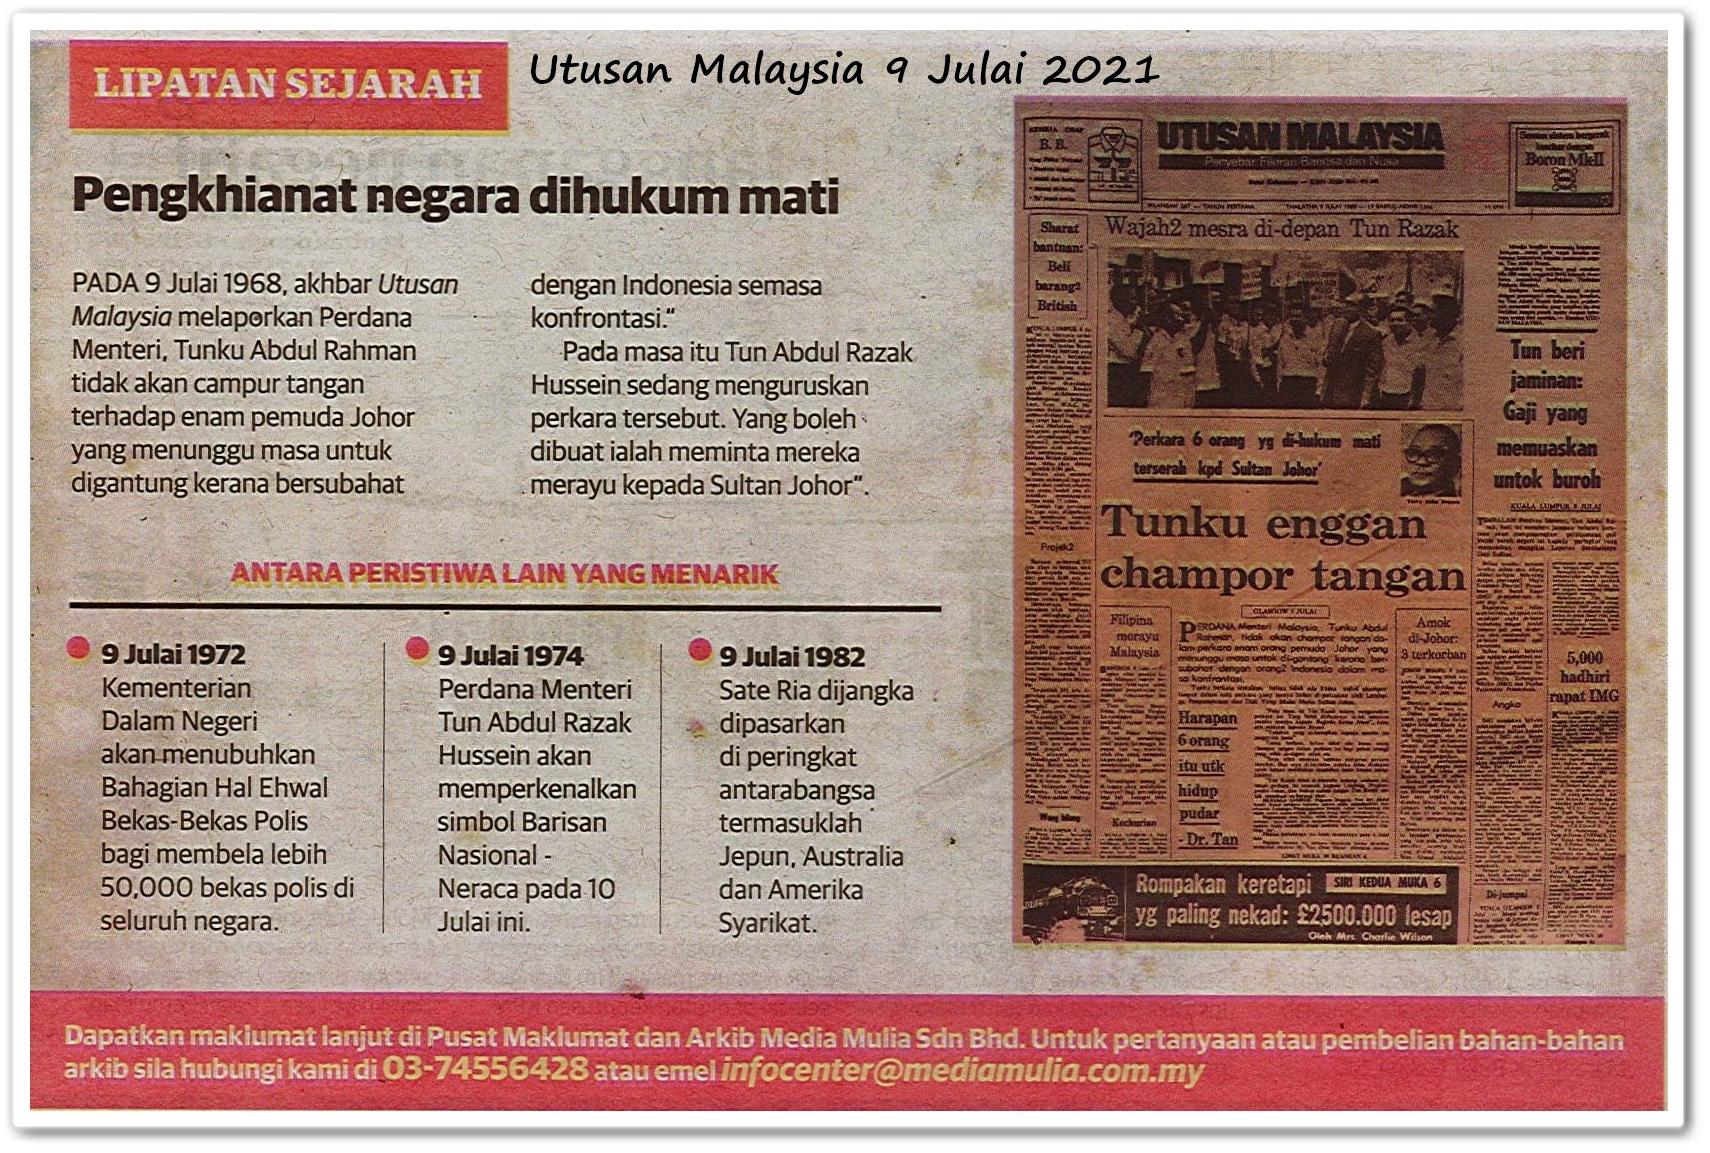 Lipatan sejarah 9 Julai - Keratan akhbar Utusan Malaysia 9 Julai 2021